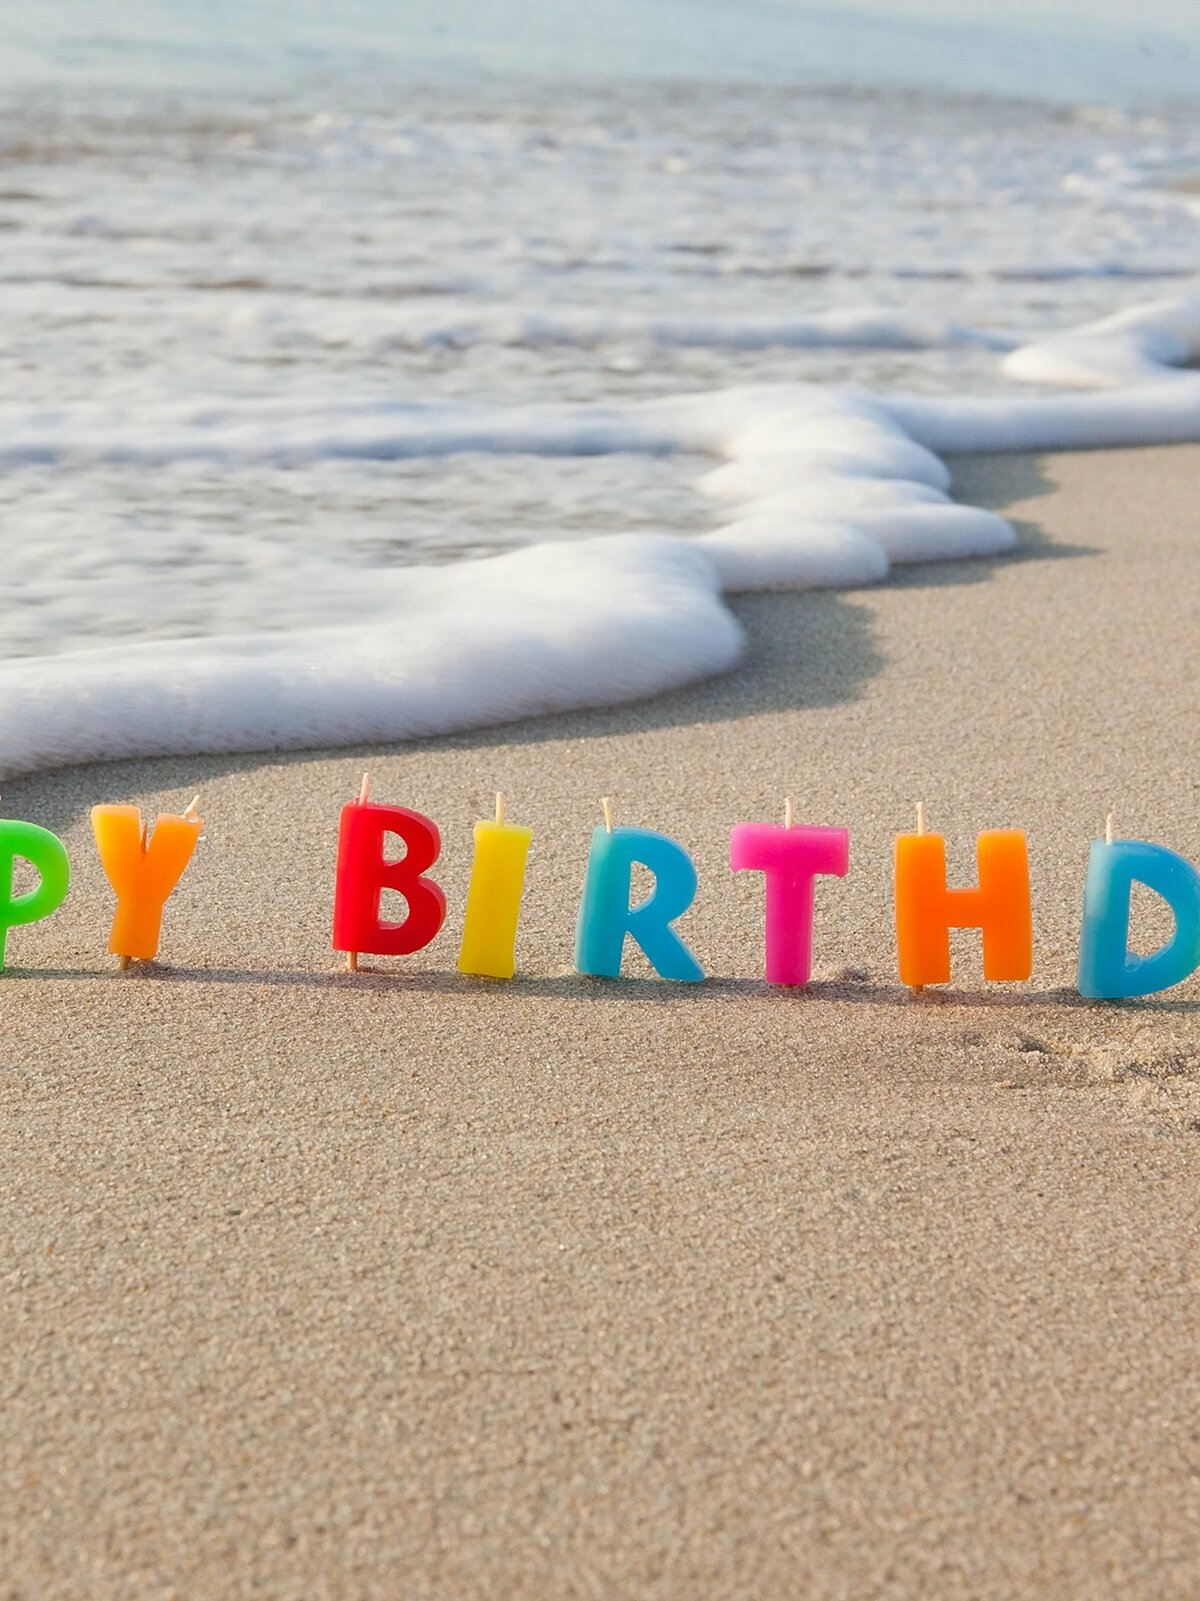 30 лет поздравления песок при